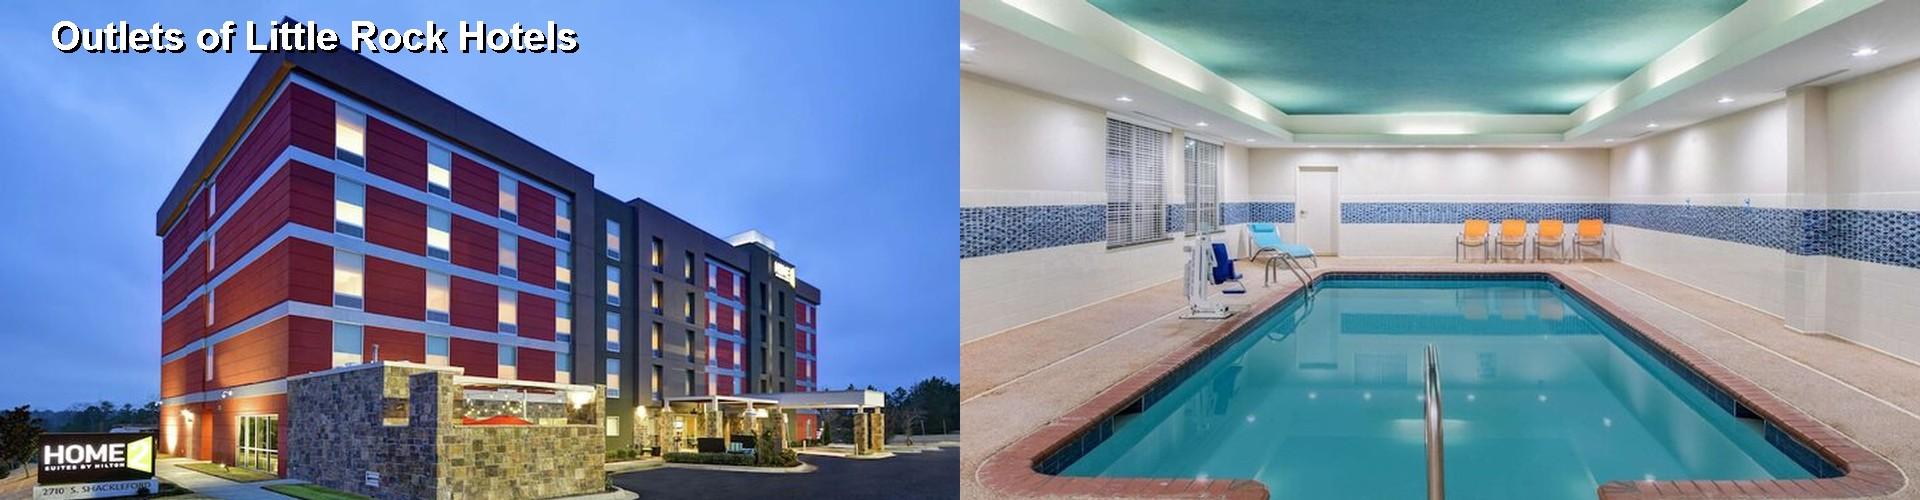 5 Best Hotels Near Outlets Of Little Rock